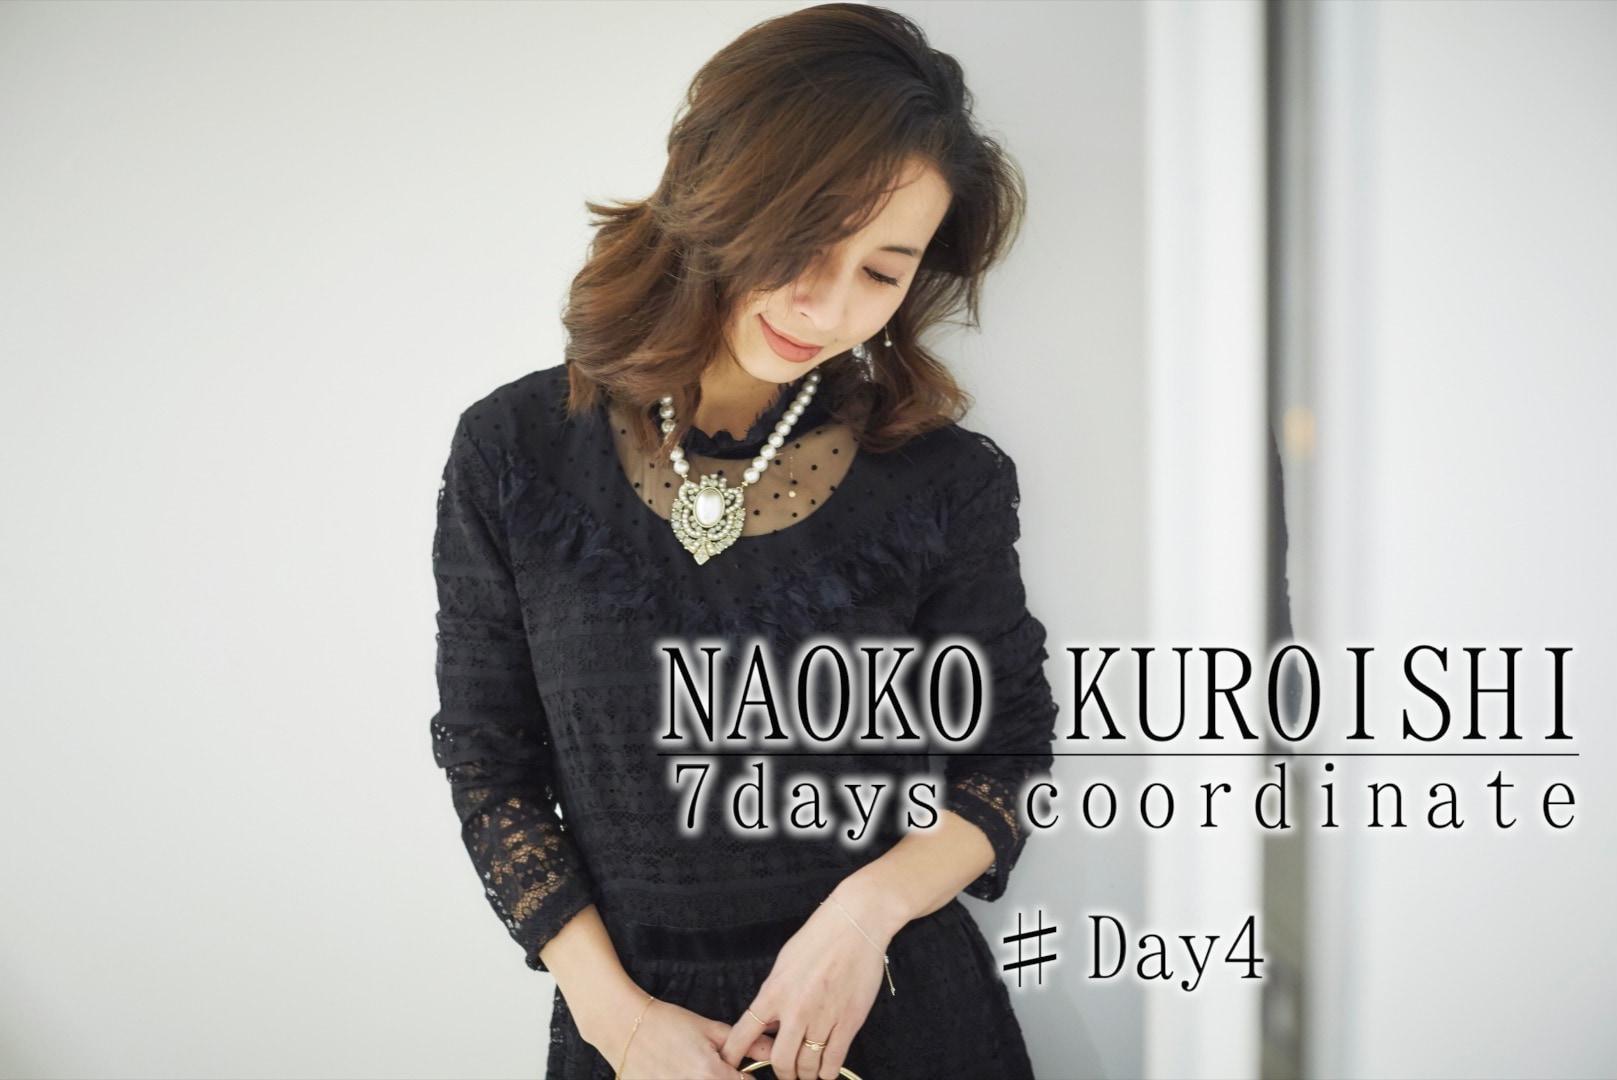 〝普通に見えない〟黒ワンピで品よくおしゃれ/黒石奈央子さんの7days coordinate ♯Day 4